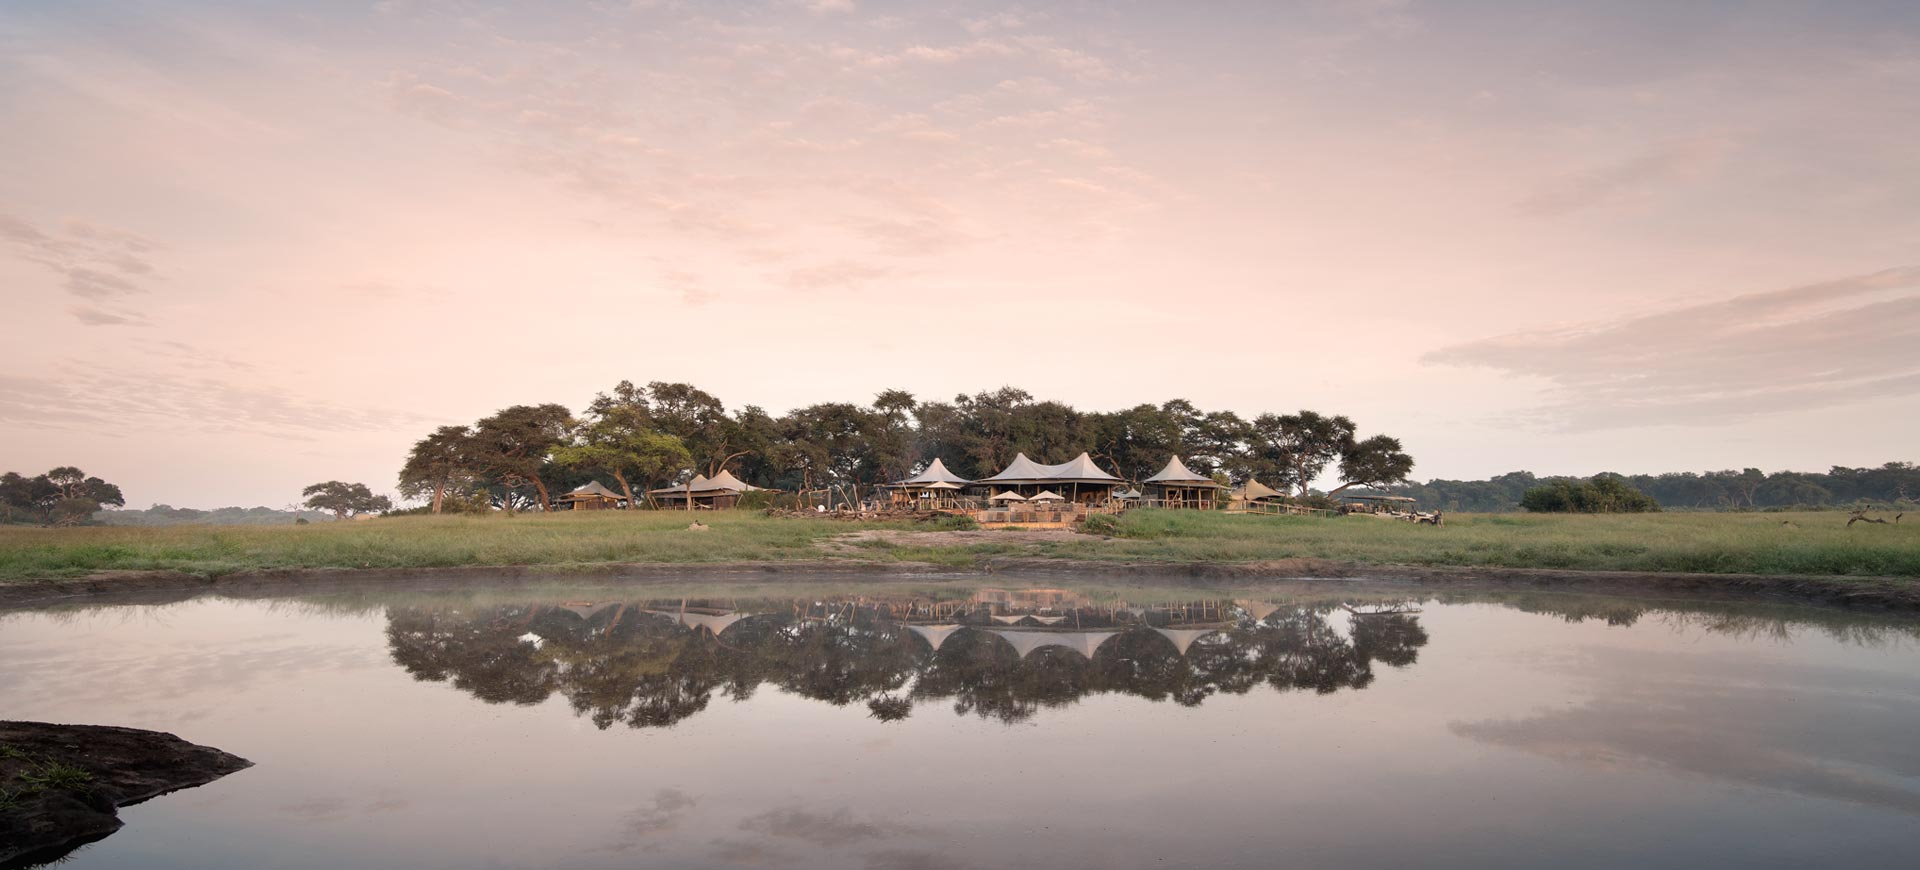 Green Tourism Zimbabwe